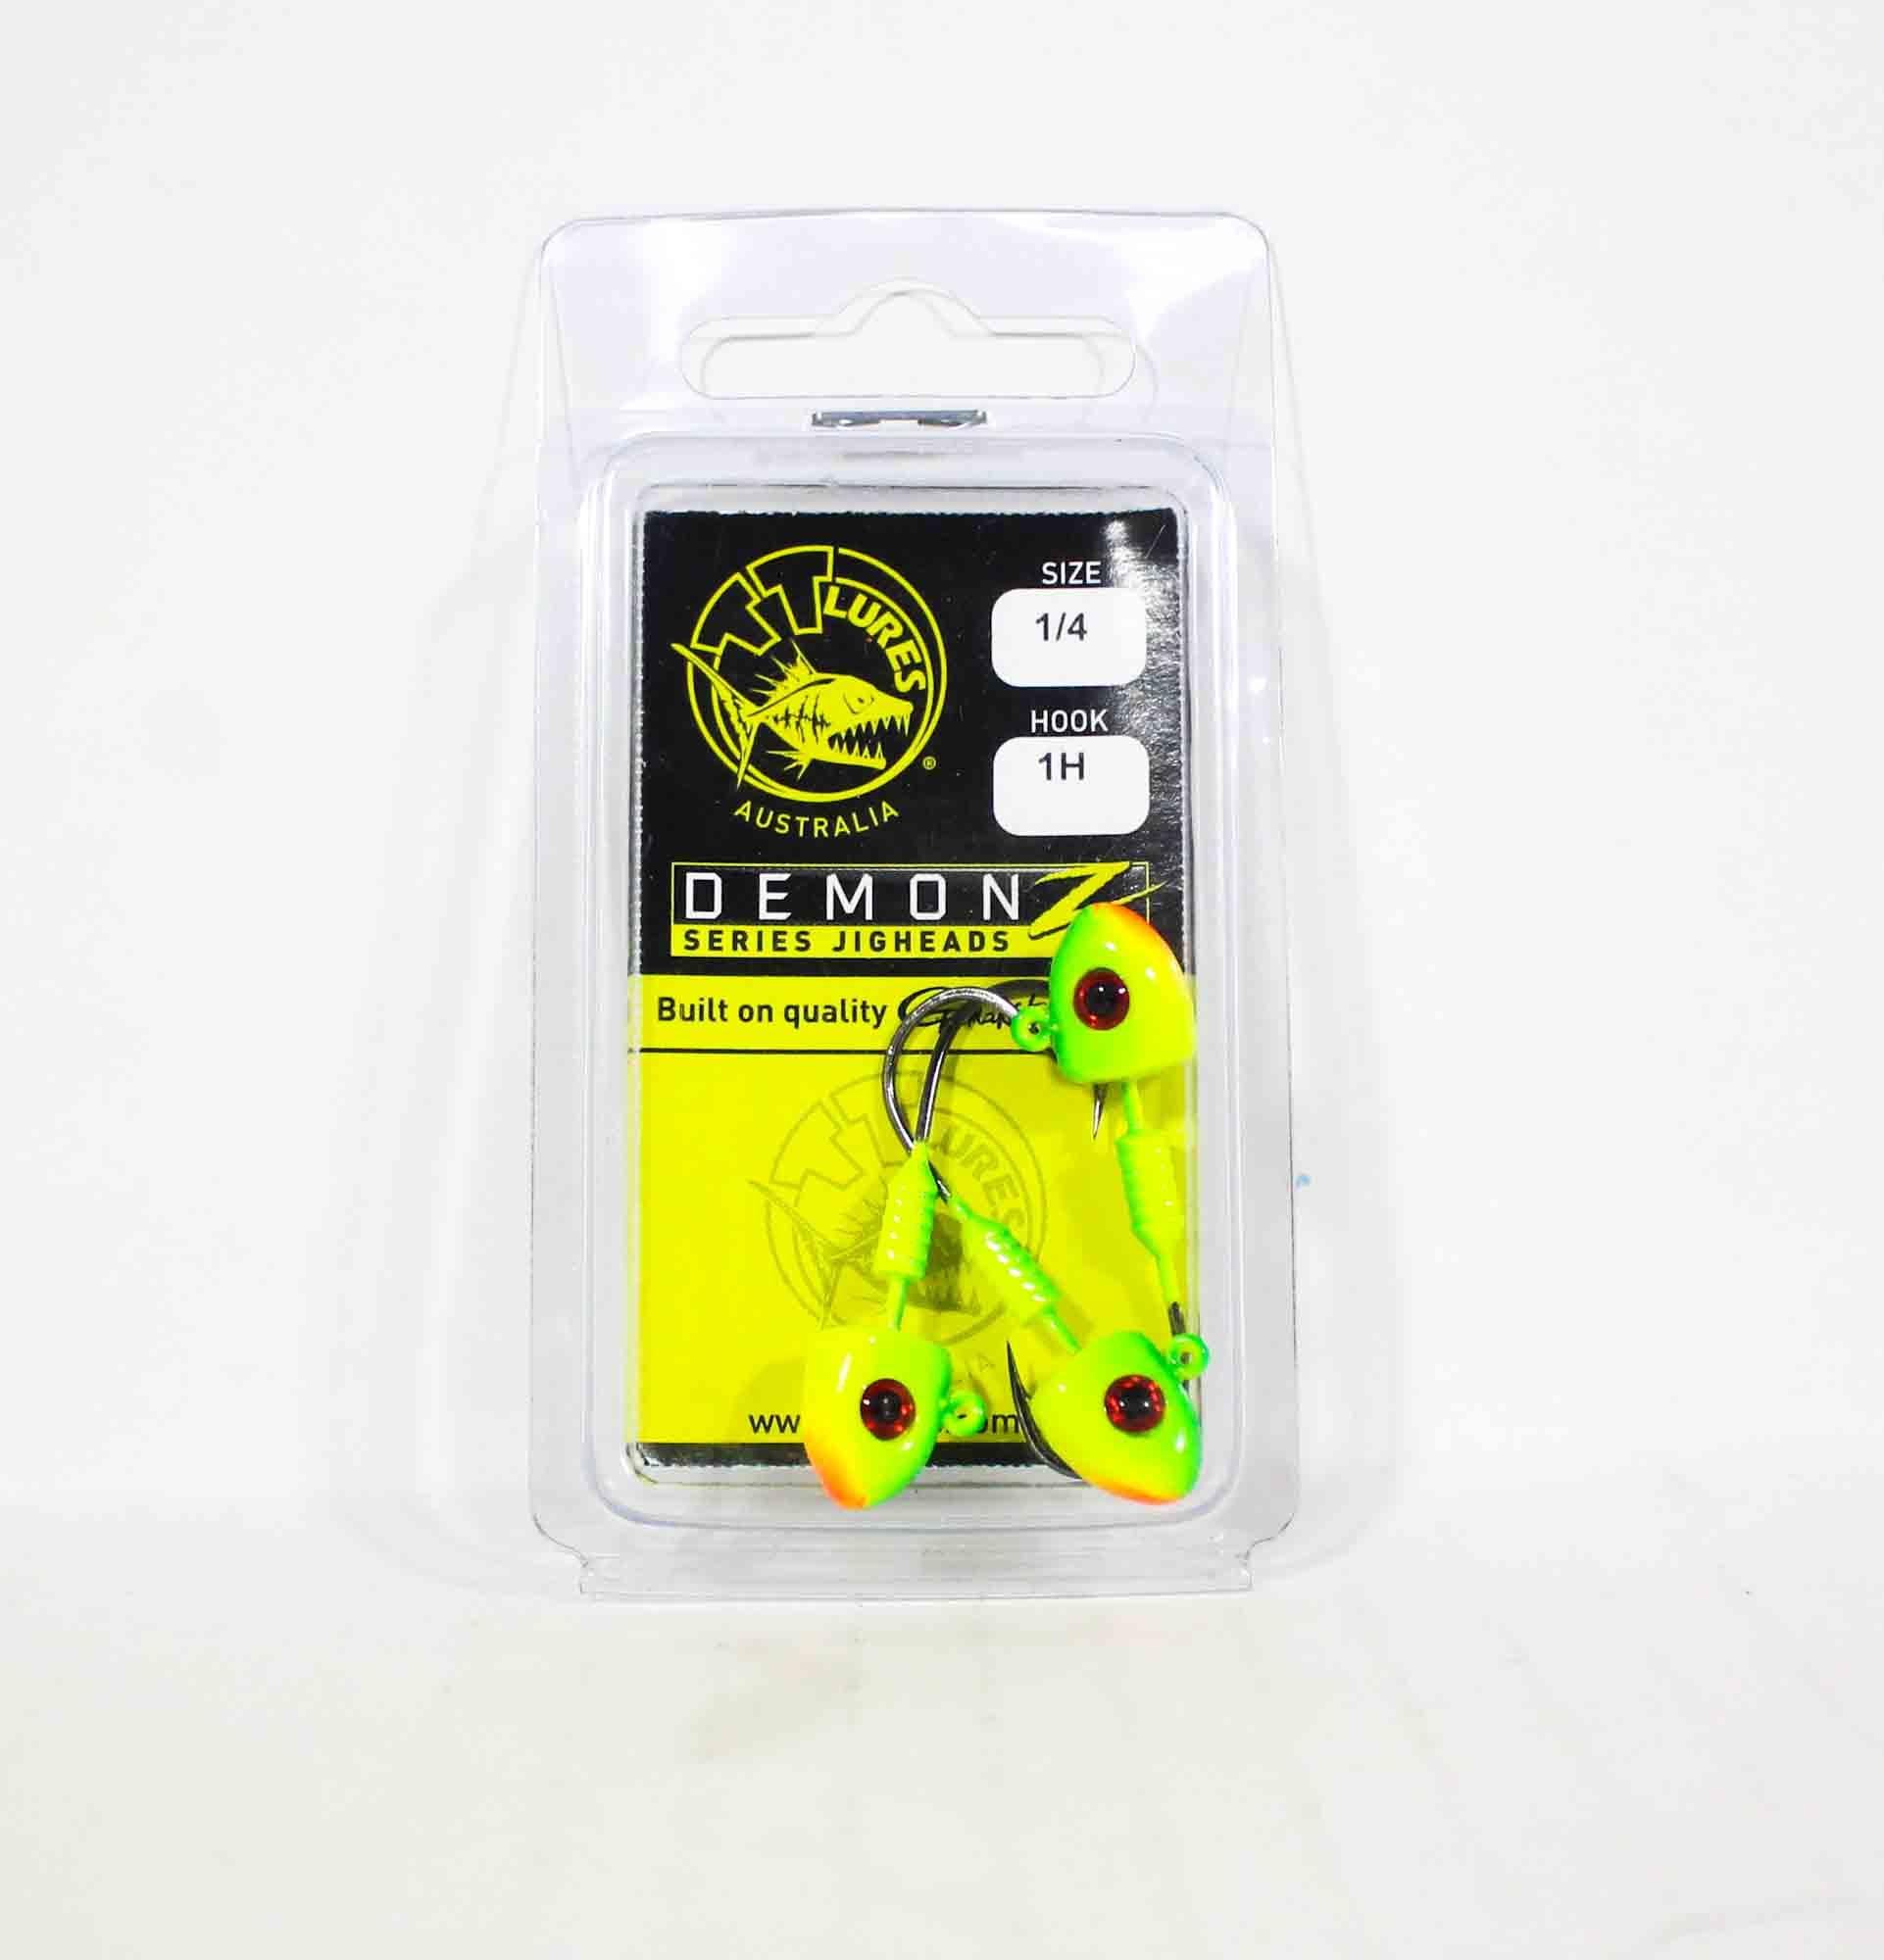 Tackle Tactics TT Demonz Jig Head 1/4oz 1/0H 3 per pack Chartreuse (7556)